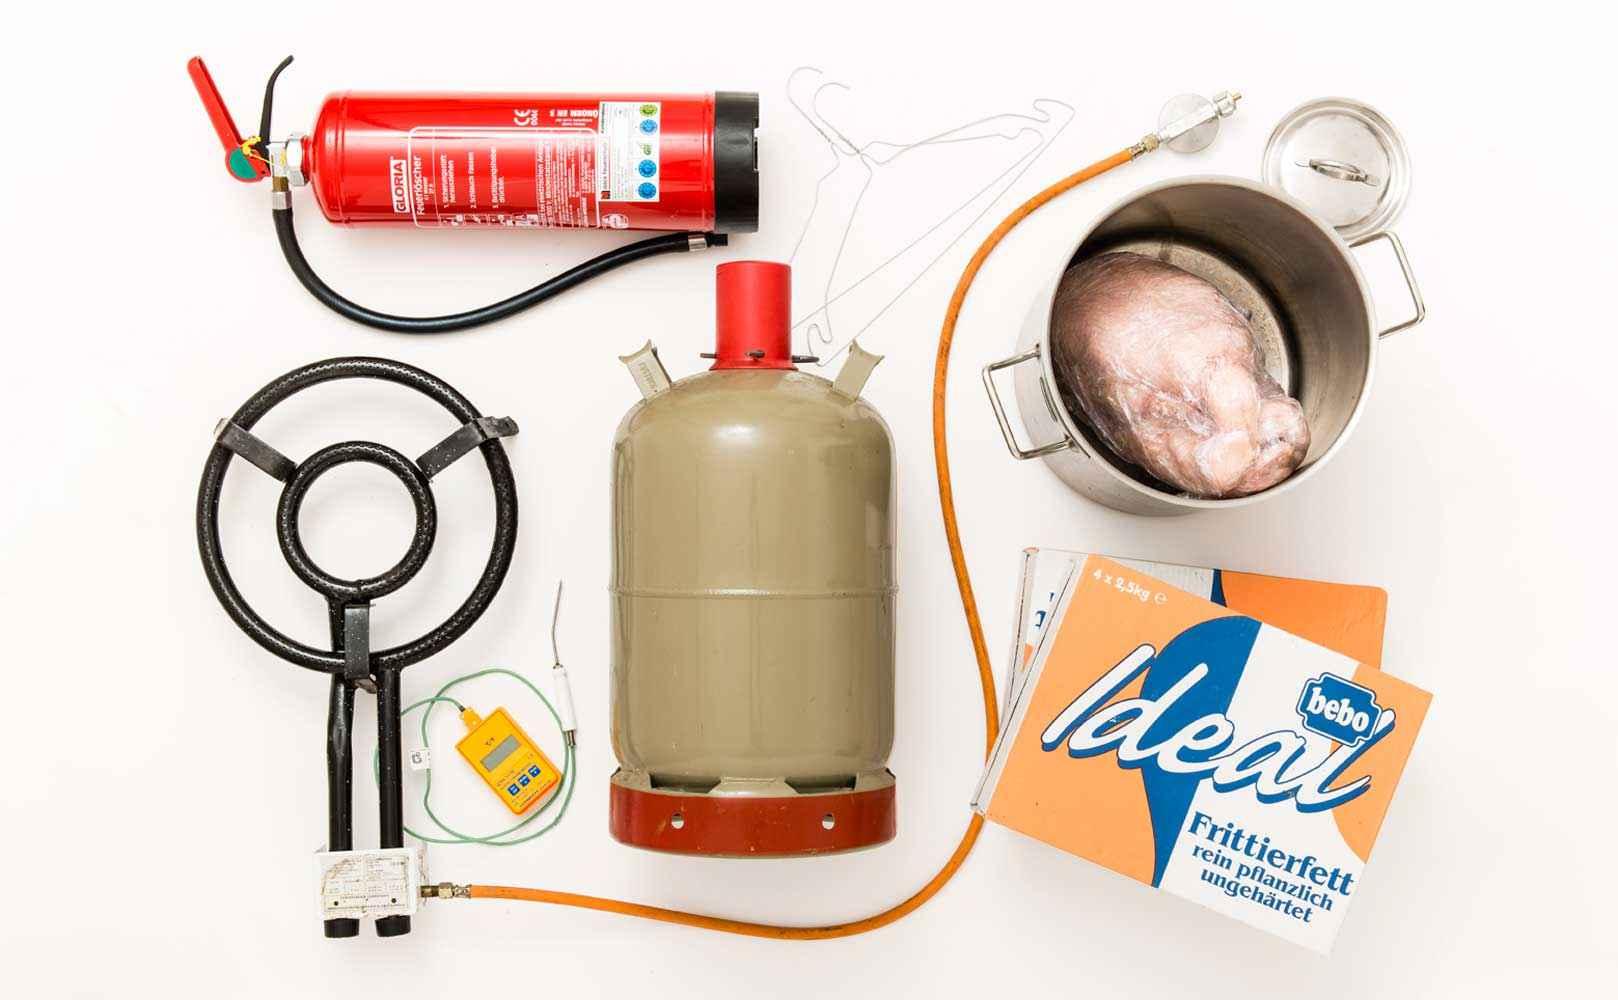 Feuerlöscher, standsicherer Gaskocher, Kochthermometer, Gasflasche, Drahtbügel, kleiner Deckel, sehr großer Topf,Frittierfett